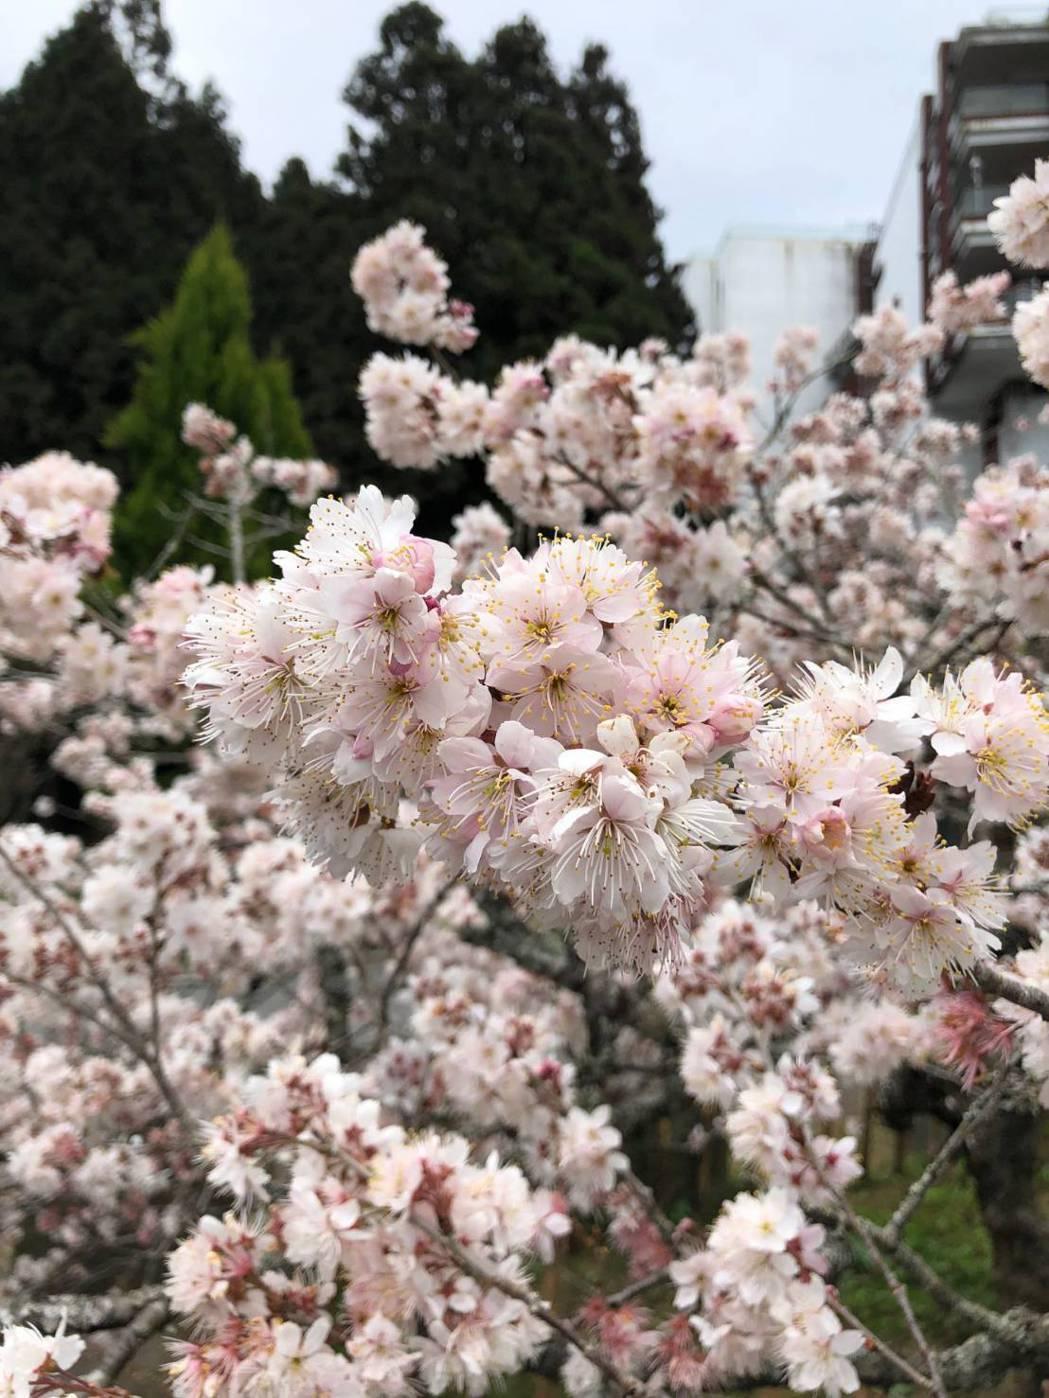 阿里山花季將於3月10日展開,並持續至4月10日,交通部公路總局與相關單位將於花...